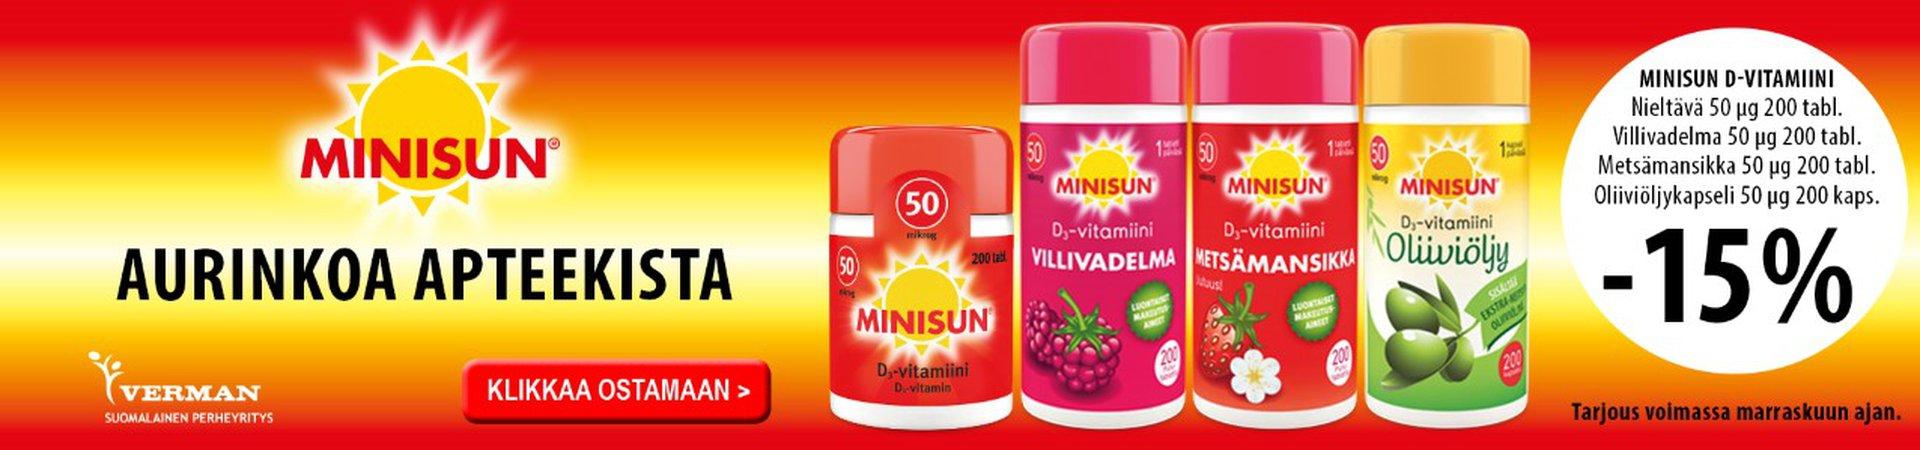 Minisun D 50 mikrog -15 % marraskuussa